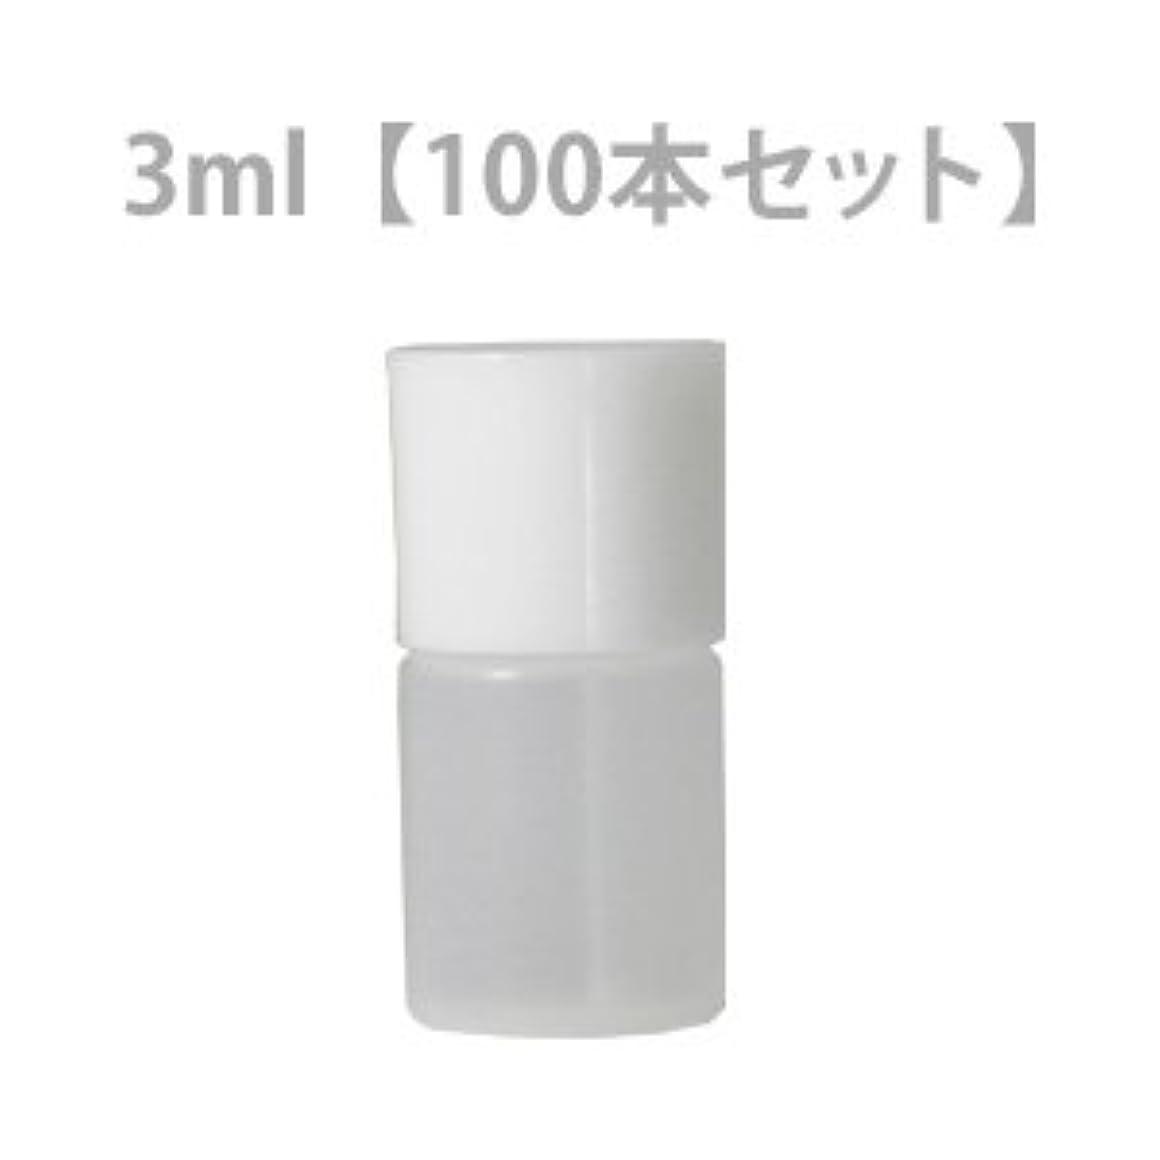 庭園長方形ぼんやりした穴あき中栓付きミニボトル3ml 100本セット 【化粧品容器】